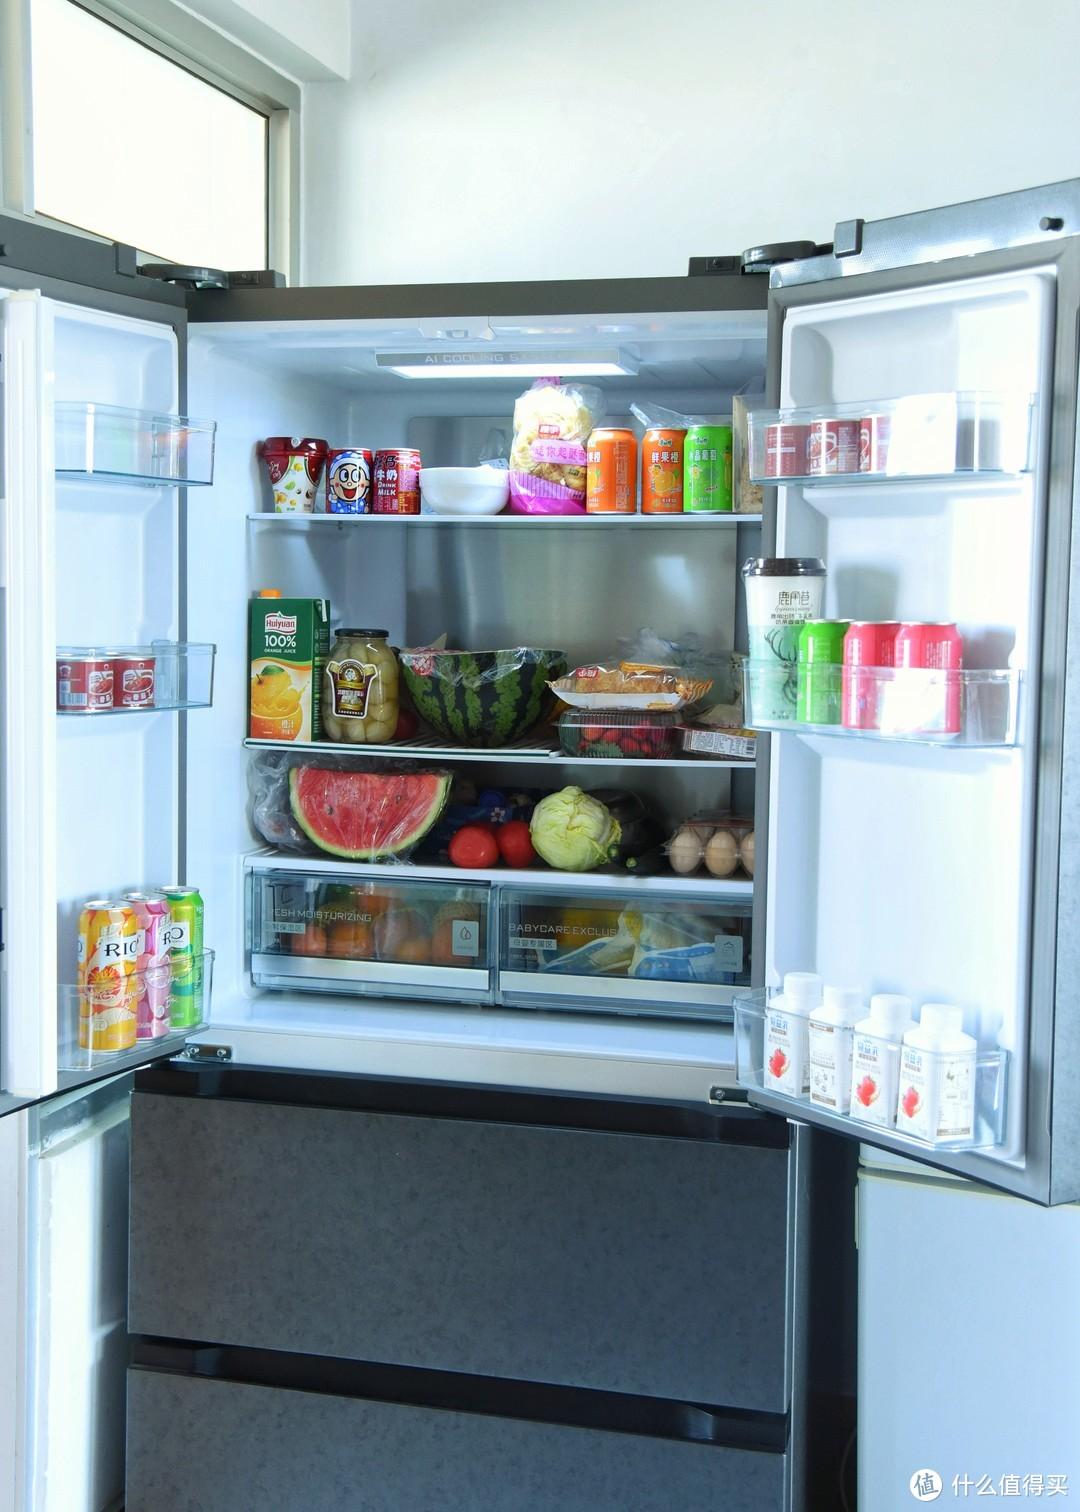 以亲身经历分析,一台母婴专用的冰箱应该具备哪些特点